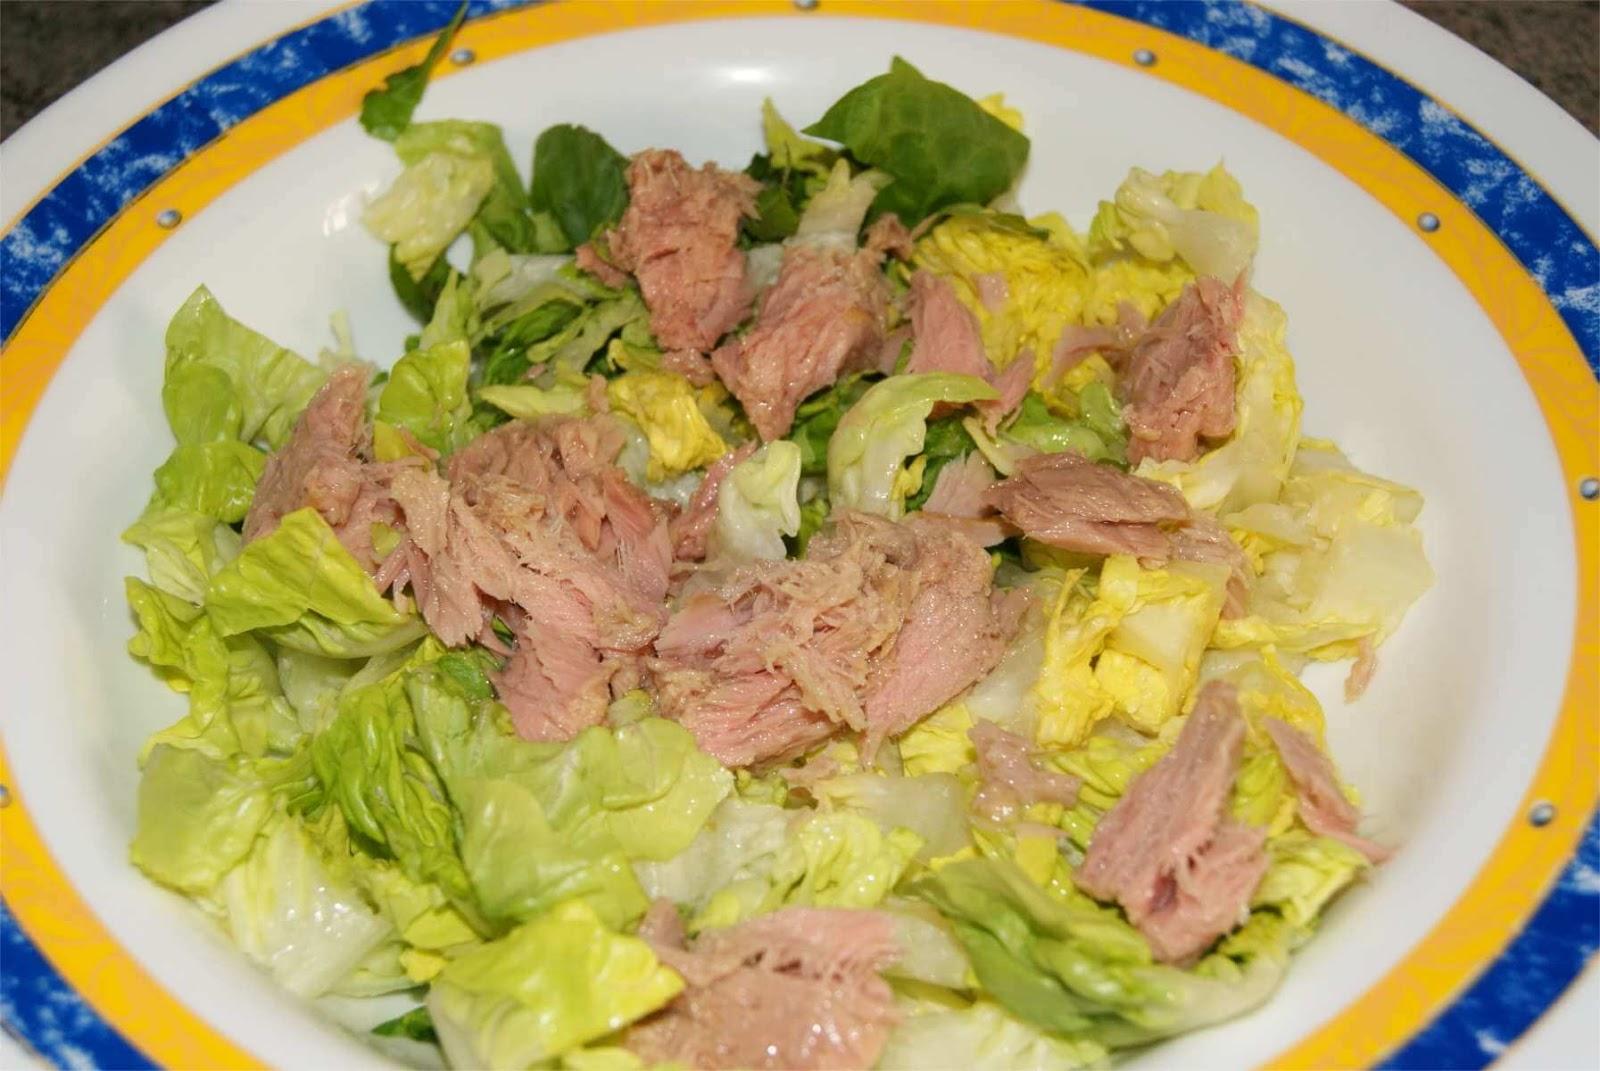 Receta de ensalada de patatas al guacamole paso 3